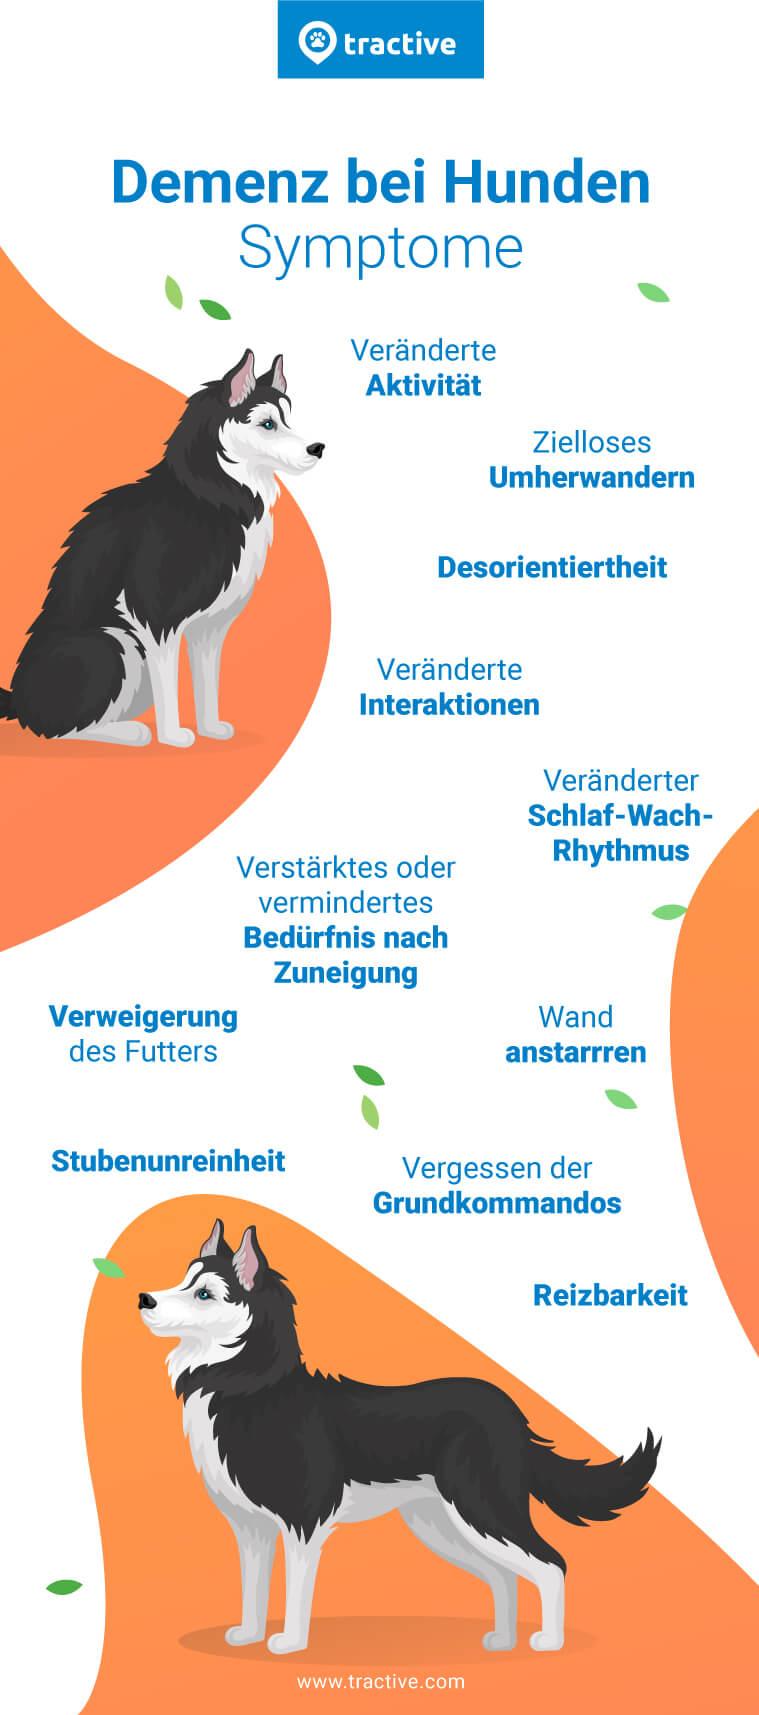 Infografik mit möglichen Symptomen bei Demenz bei Hunden